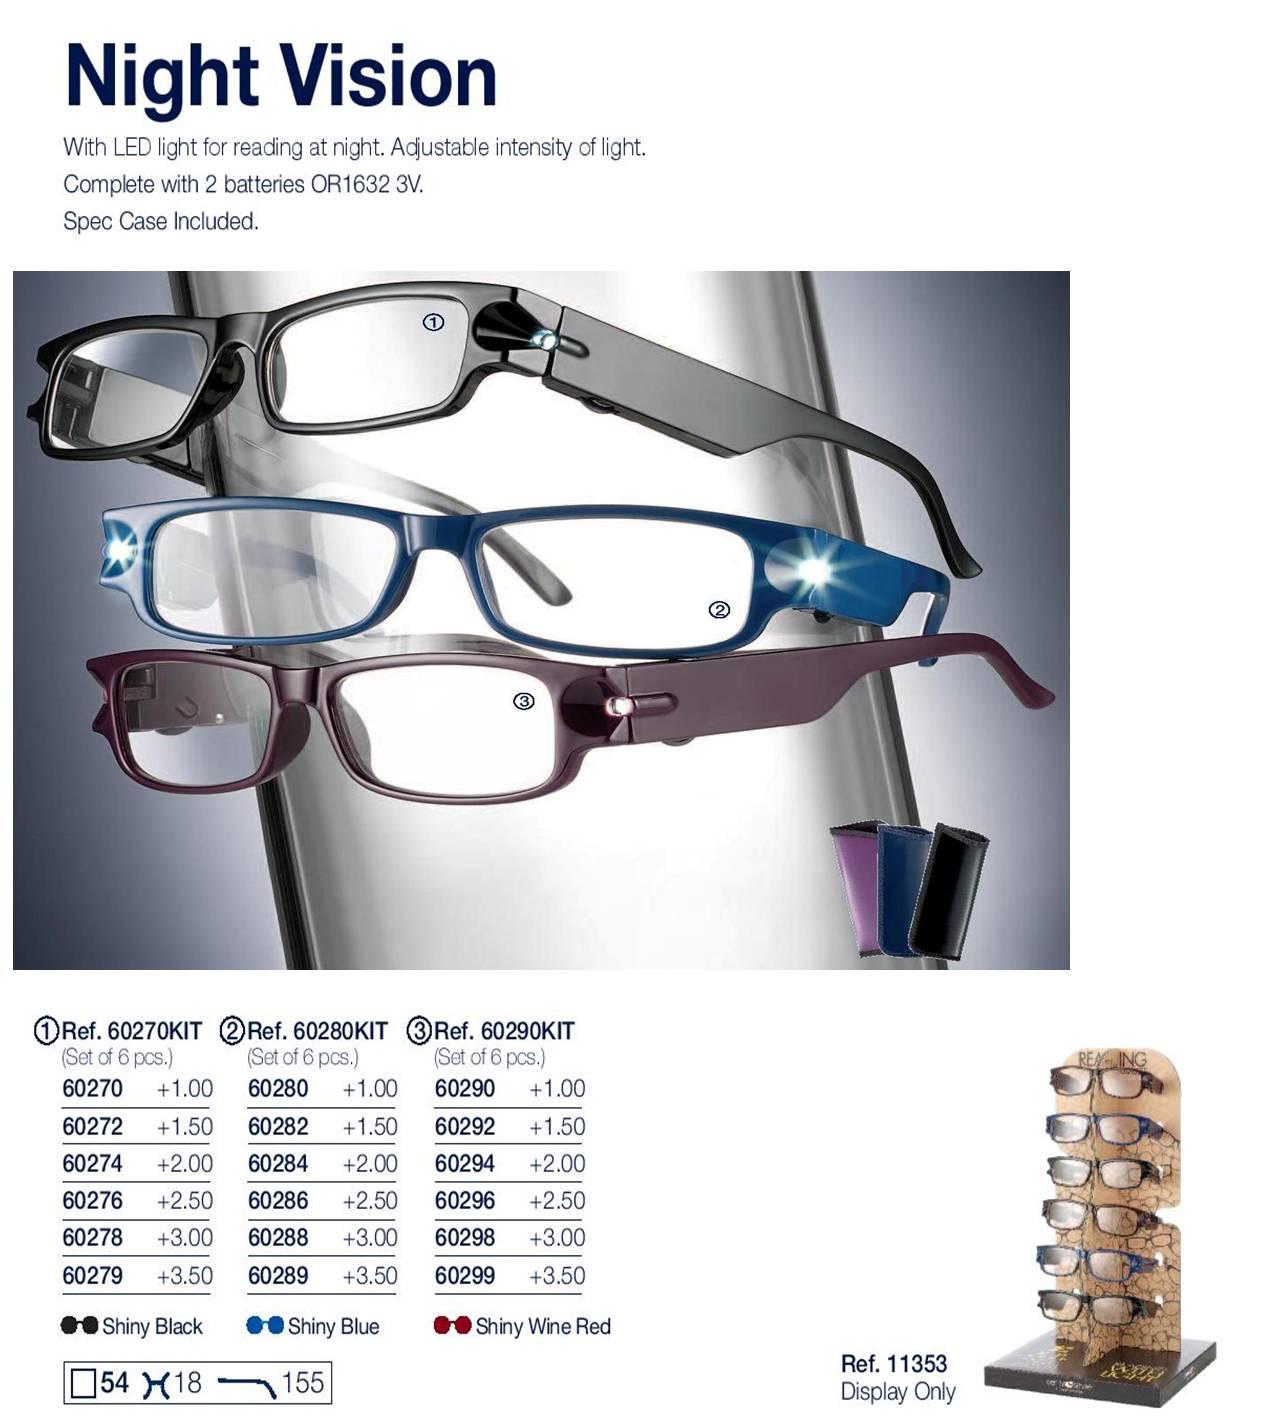 0260299 - Óculos Leitura Night Vision Bordo +3,50 Mod 60299 FLAG 9  -Contém 1 Peça